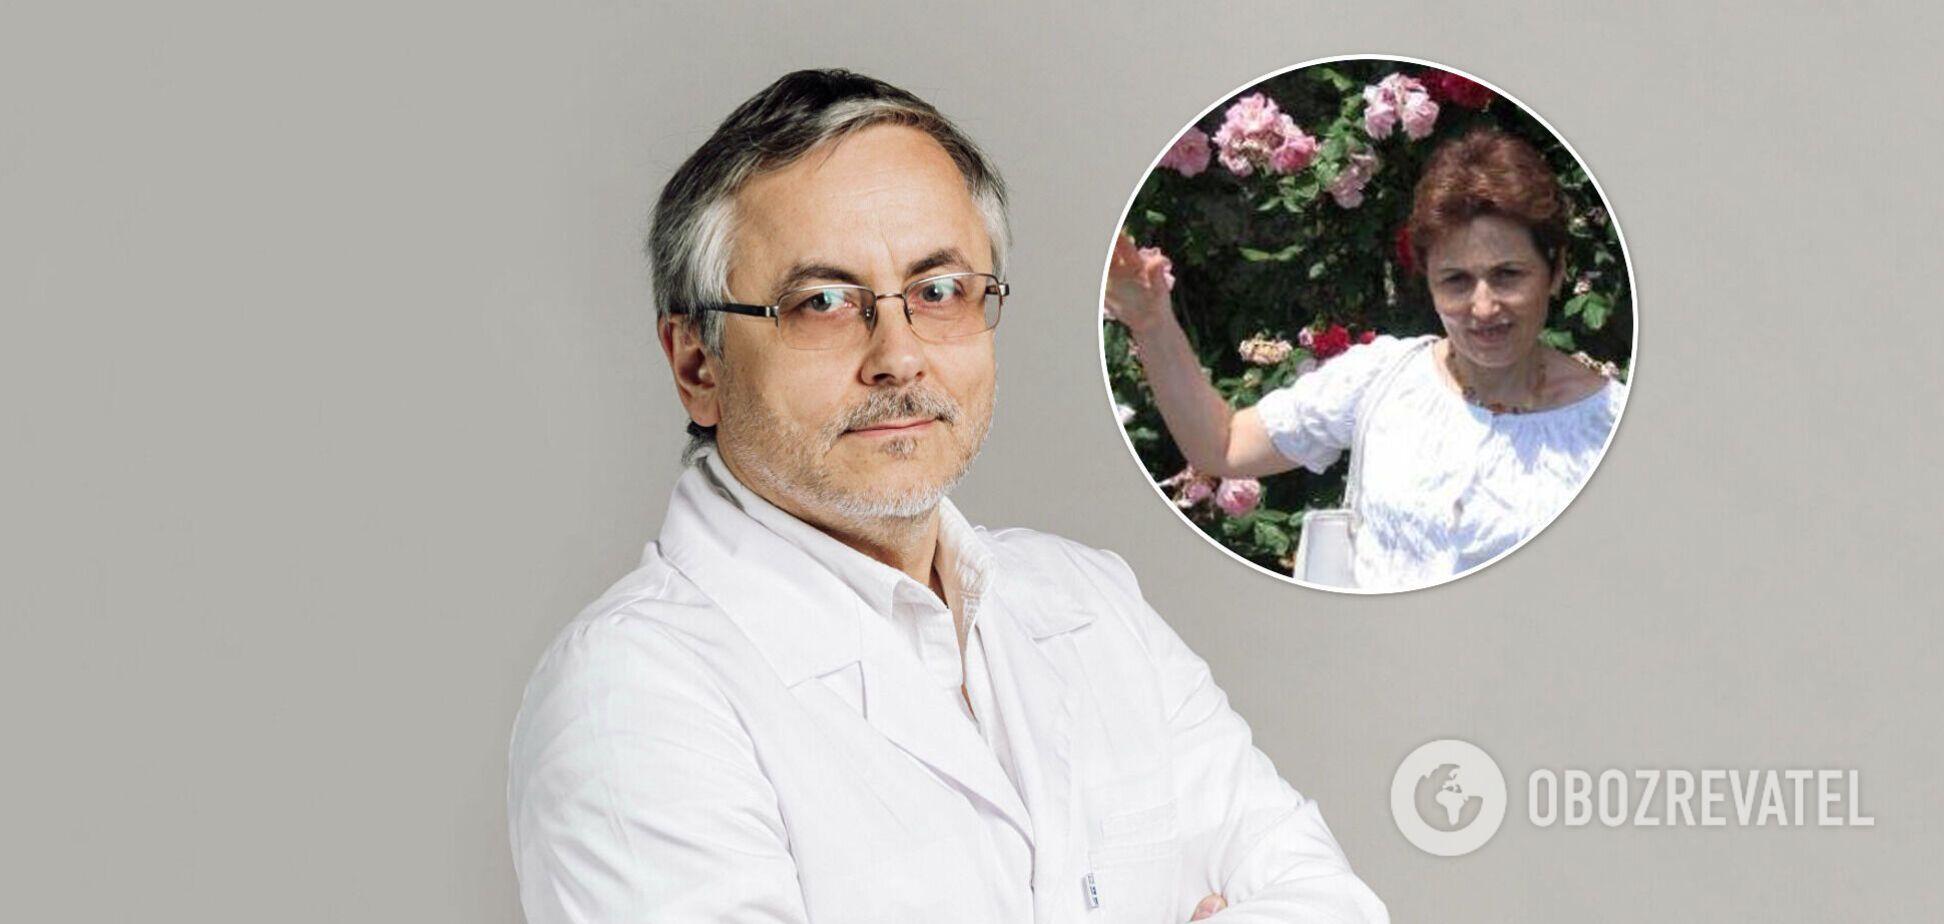 Главного нефролога Петербурга спустя 11 лет обвинили в убийстве и расчленении жены